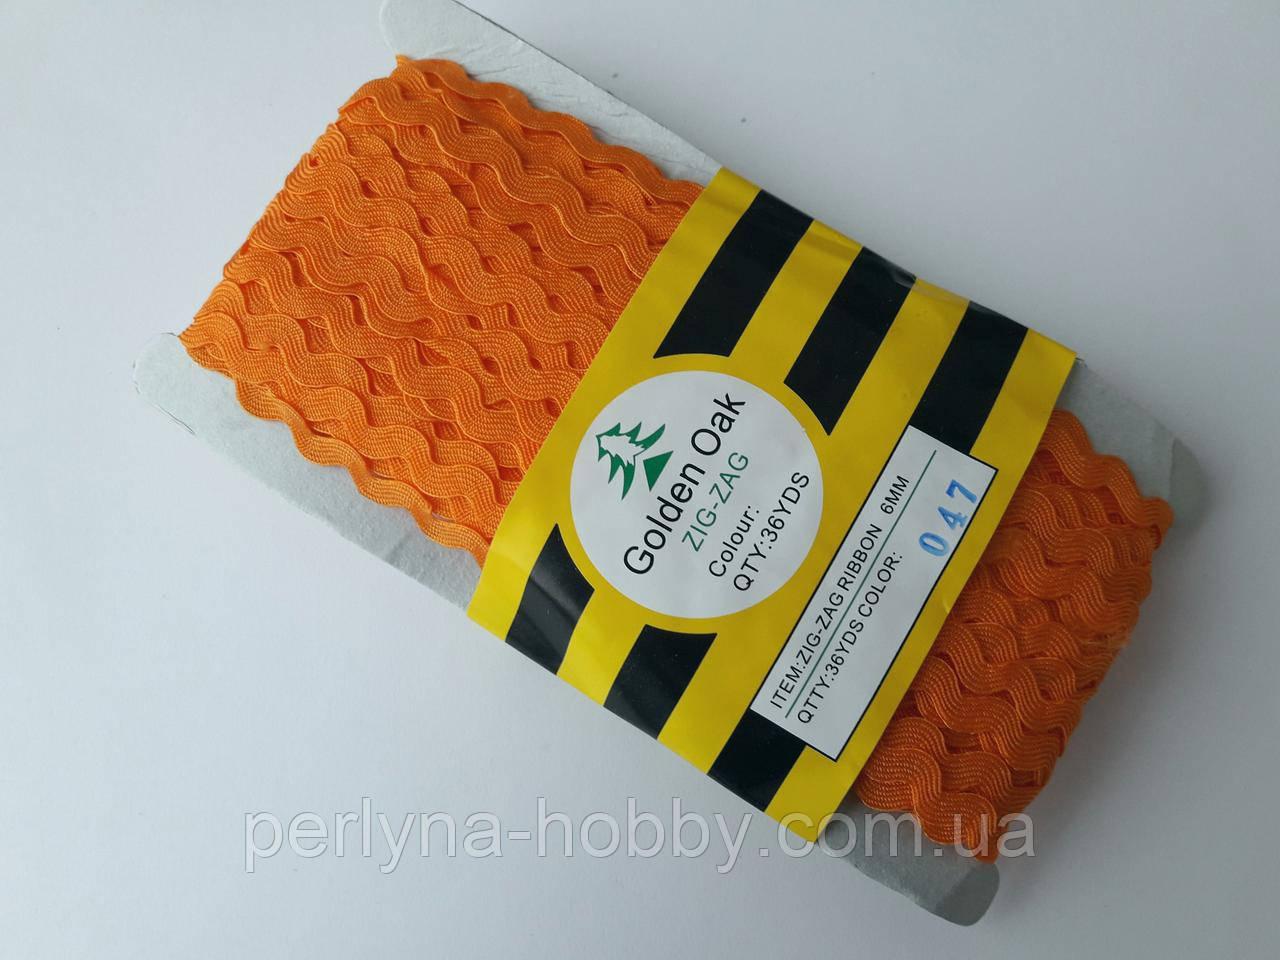 Тесьма зигзаг вьюнок ( зиг-заг )  5-6 мм, Тасьма зигзаг в'юнок, в'юнчик ( 30 метрів) оранжева